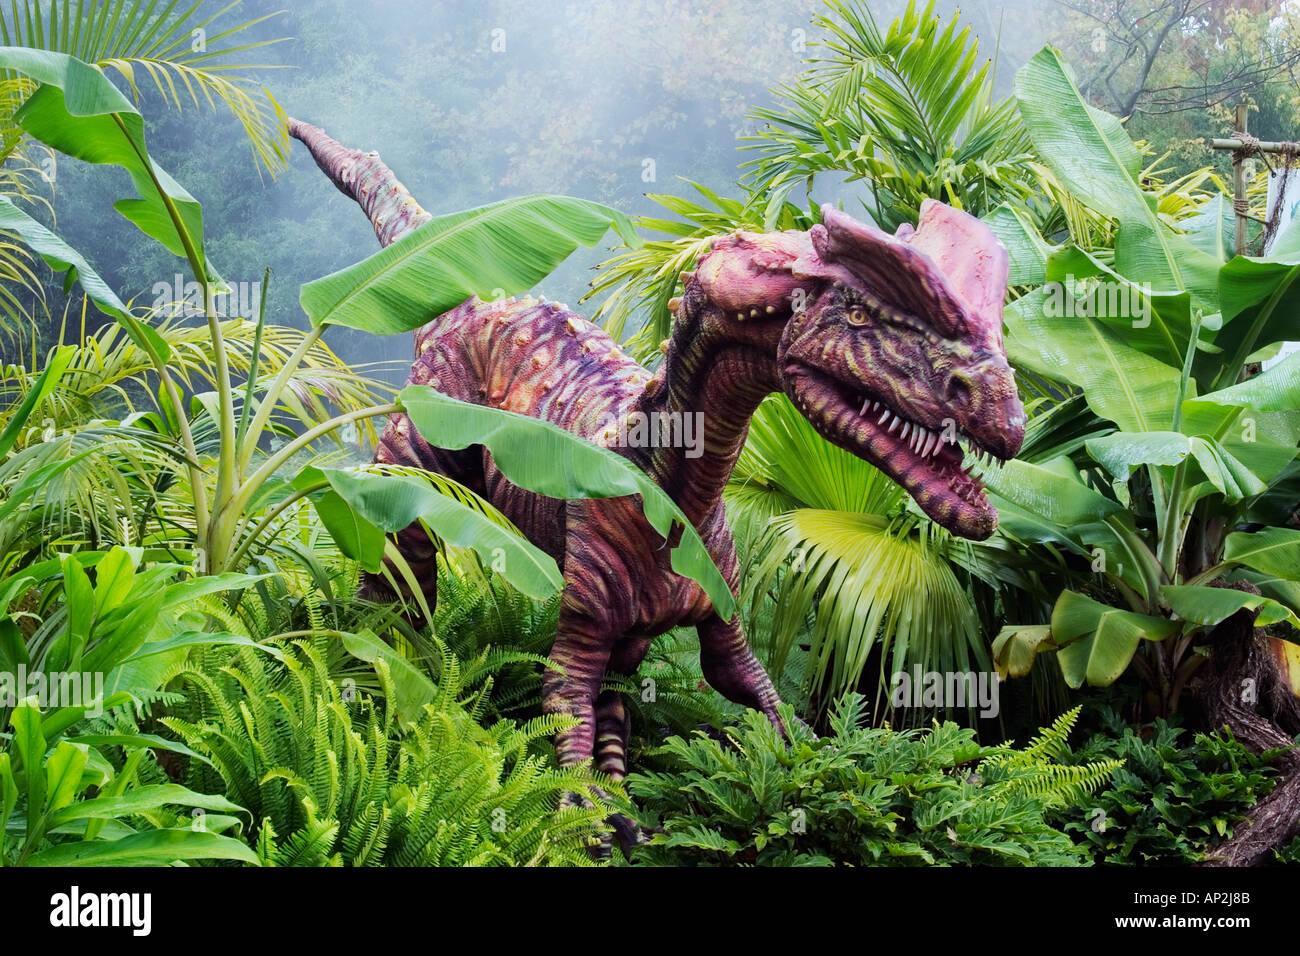 Lo que significa doble Dilophosaurus crested reptil dinosaurio del Jurásico Temprano, va a una longitud de 20 pies y w Imagen De Stock